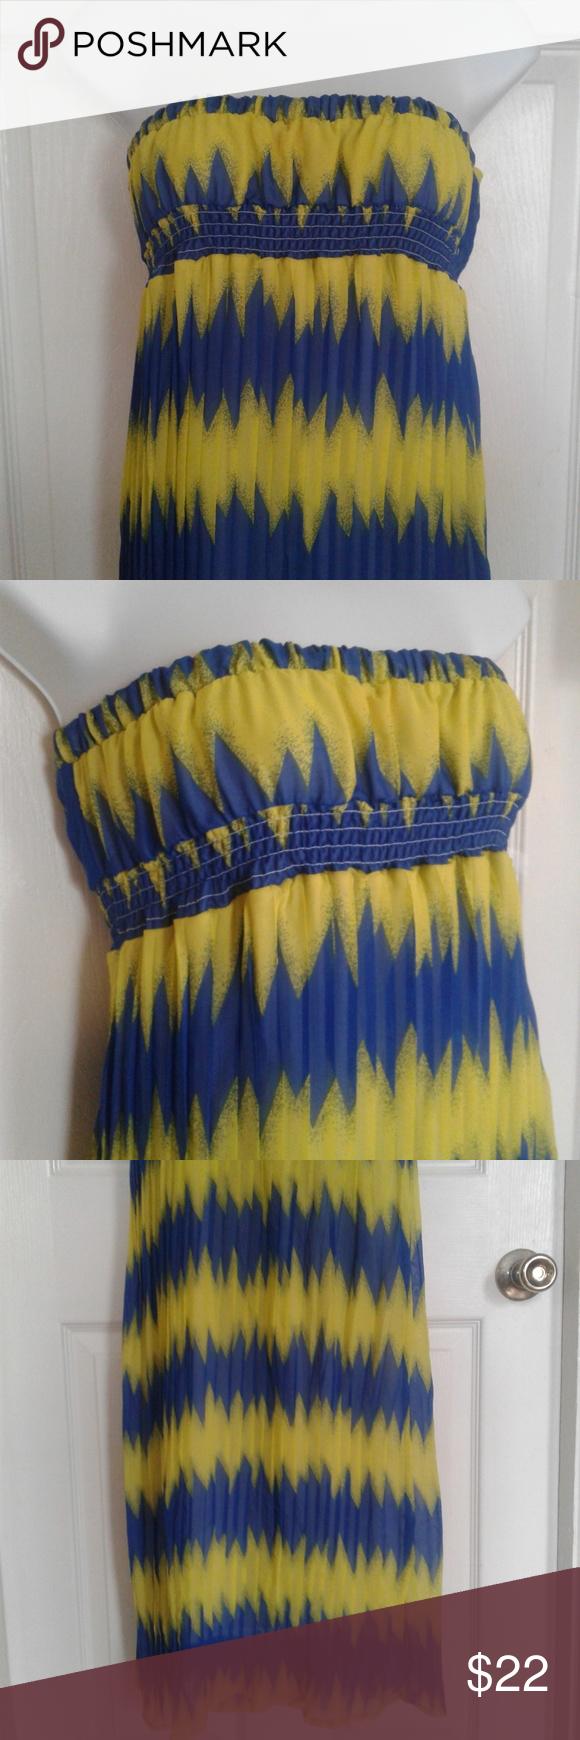 Long Summer Dress Blue And Yellow Dress Long Summer Dresses Summer Dresses [ 1740 x 580 Pixel ]